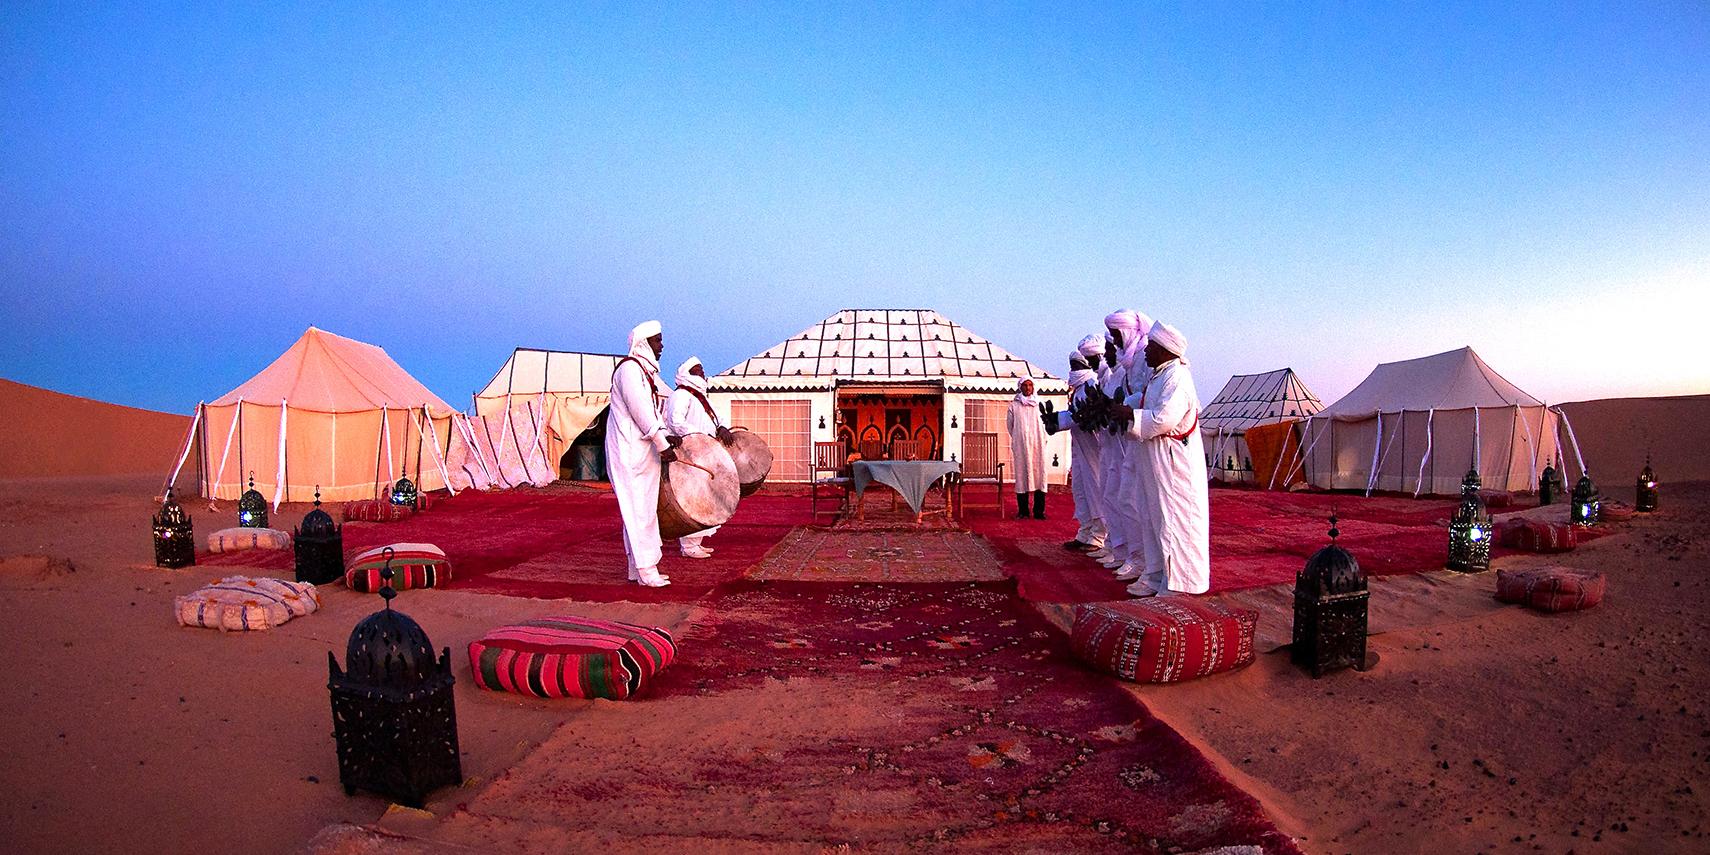 Camp de désert & Oasis